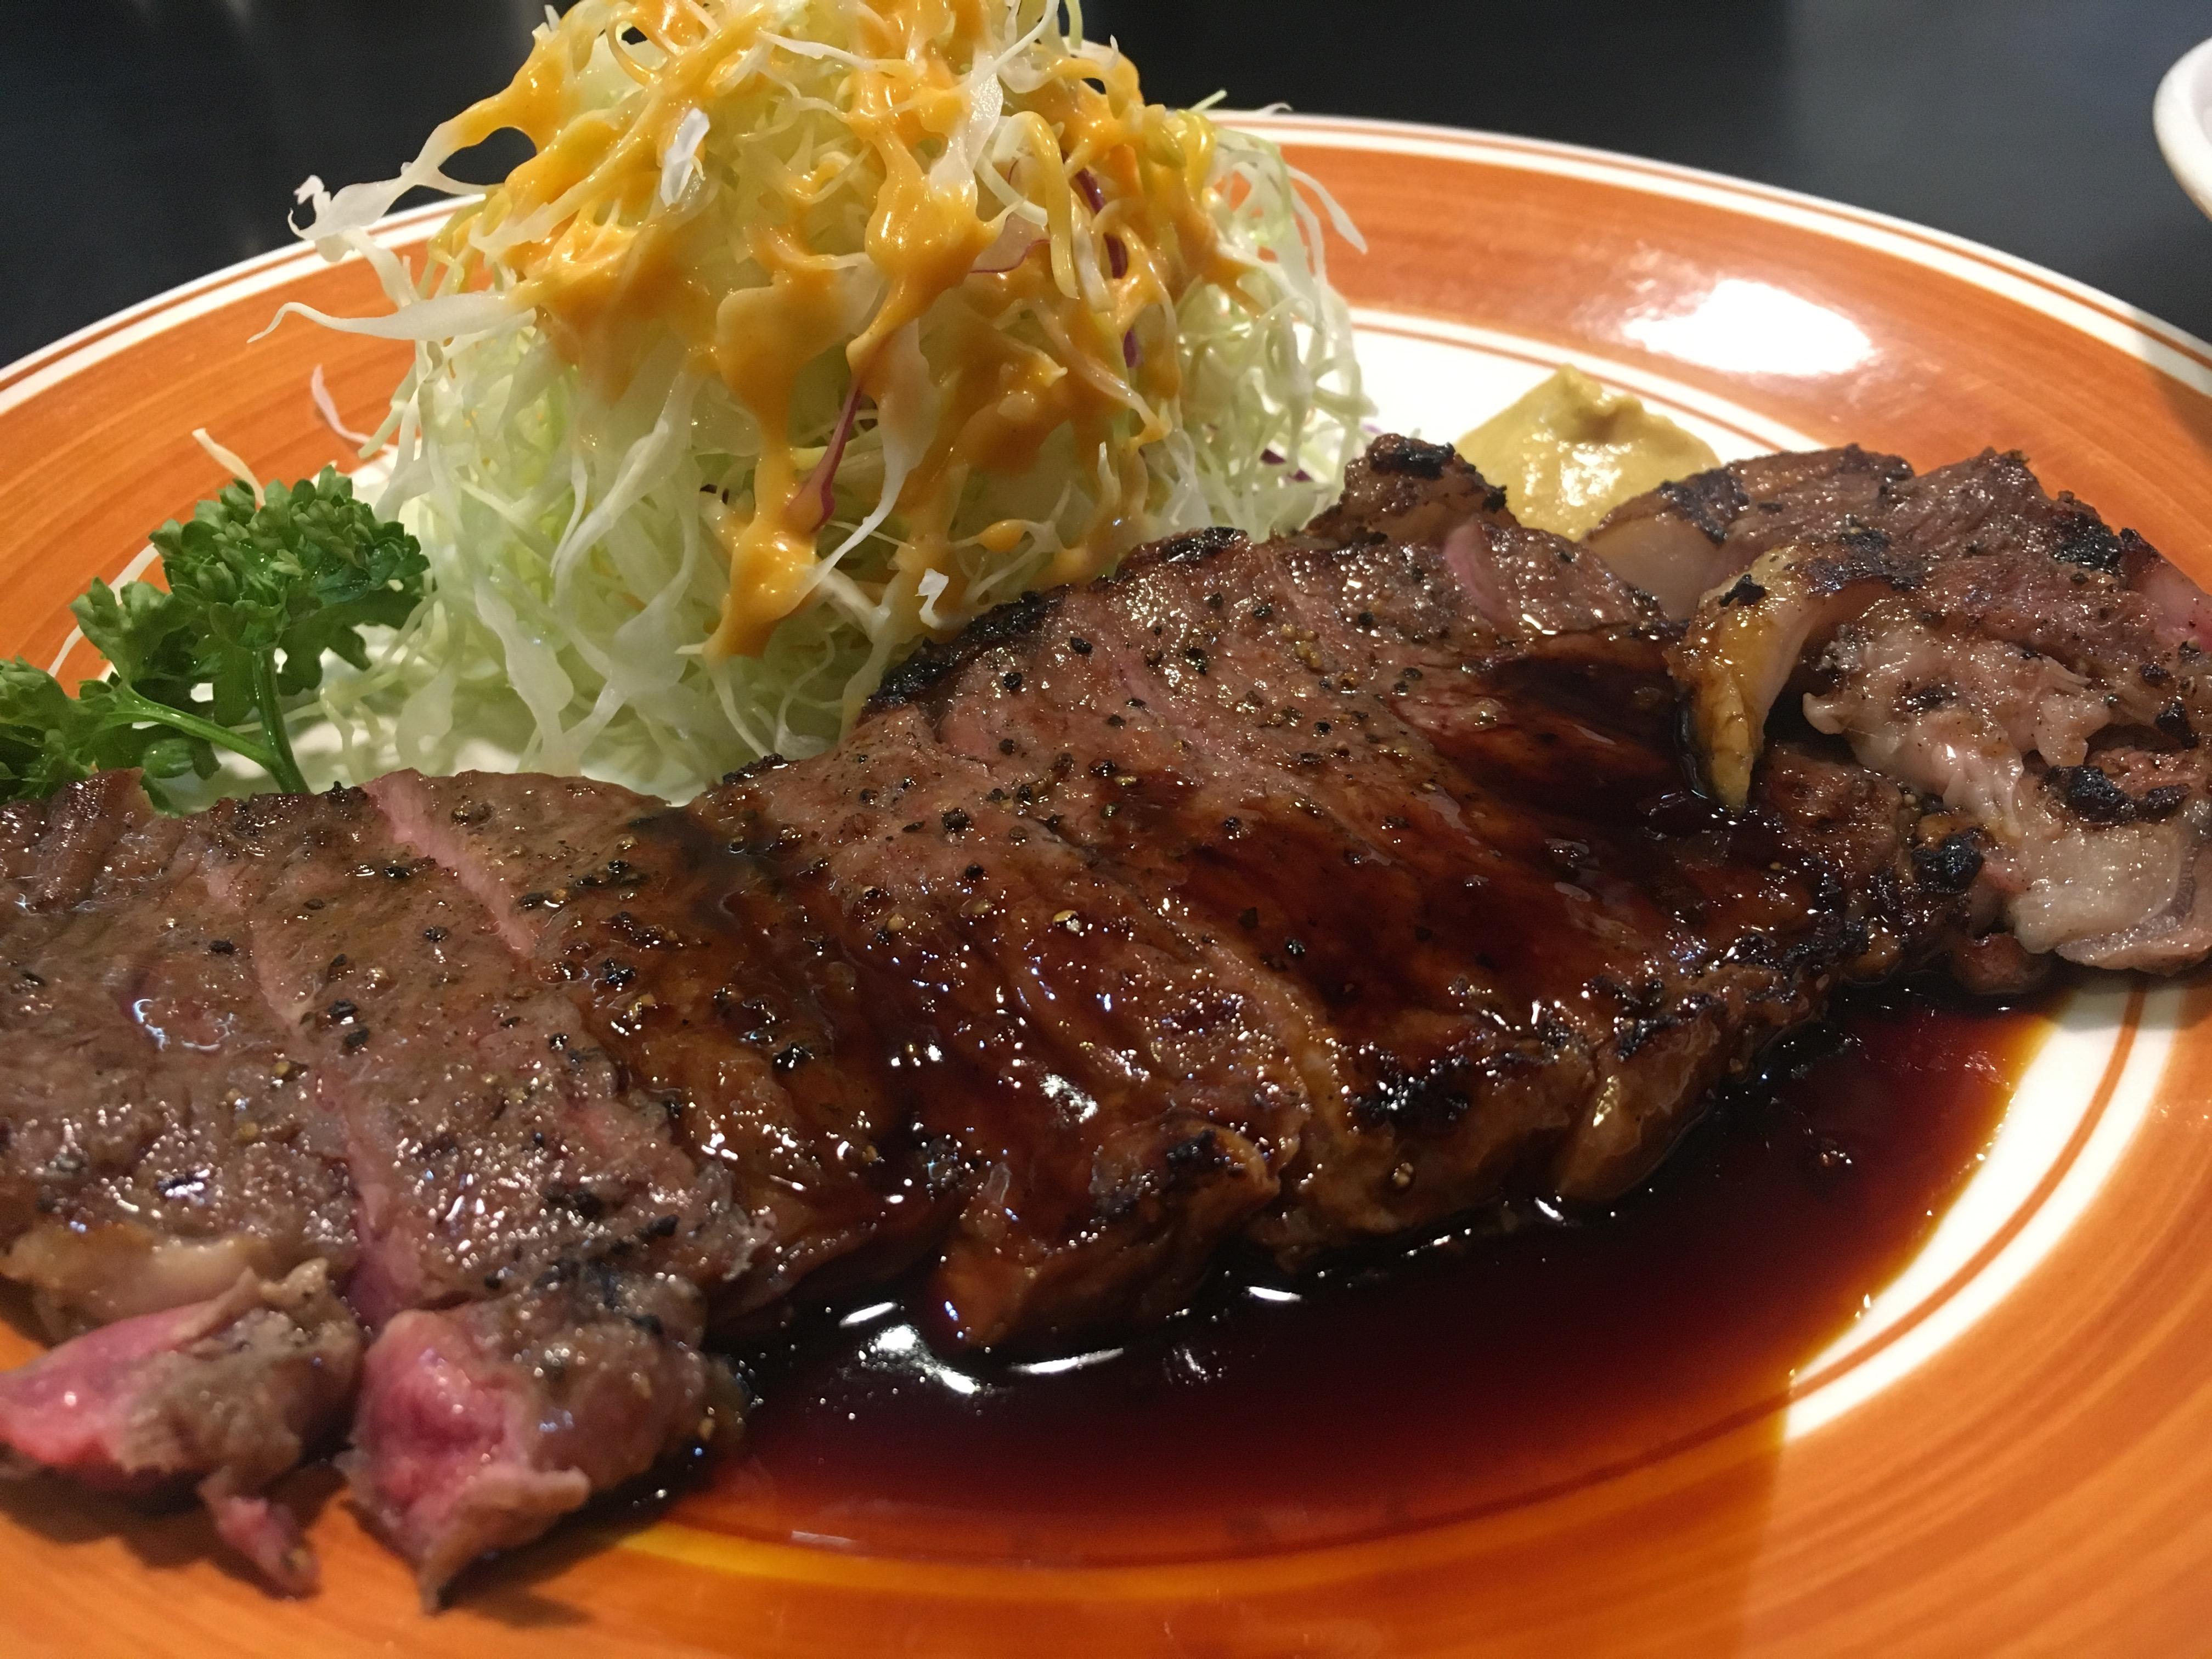 牛肉料理 炭焼きステーキ専門店 鎌田のステーキランチ